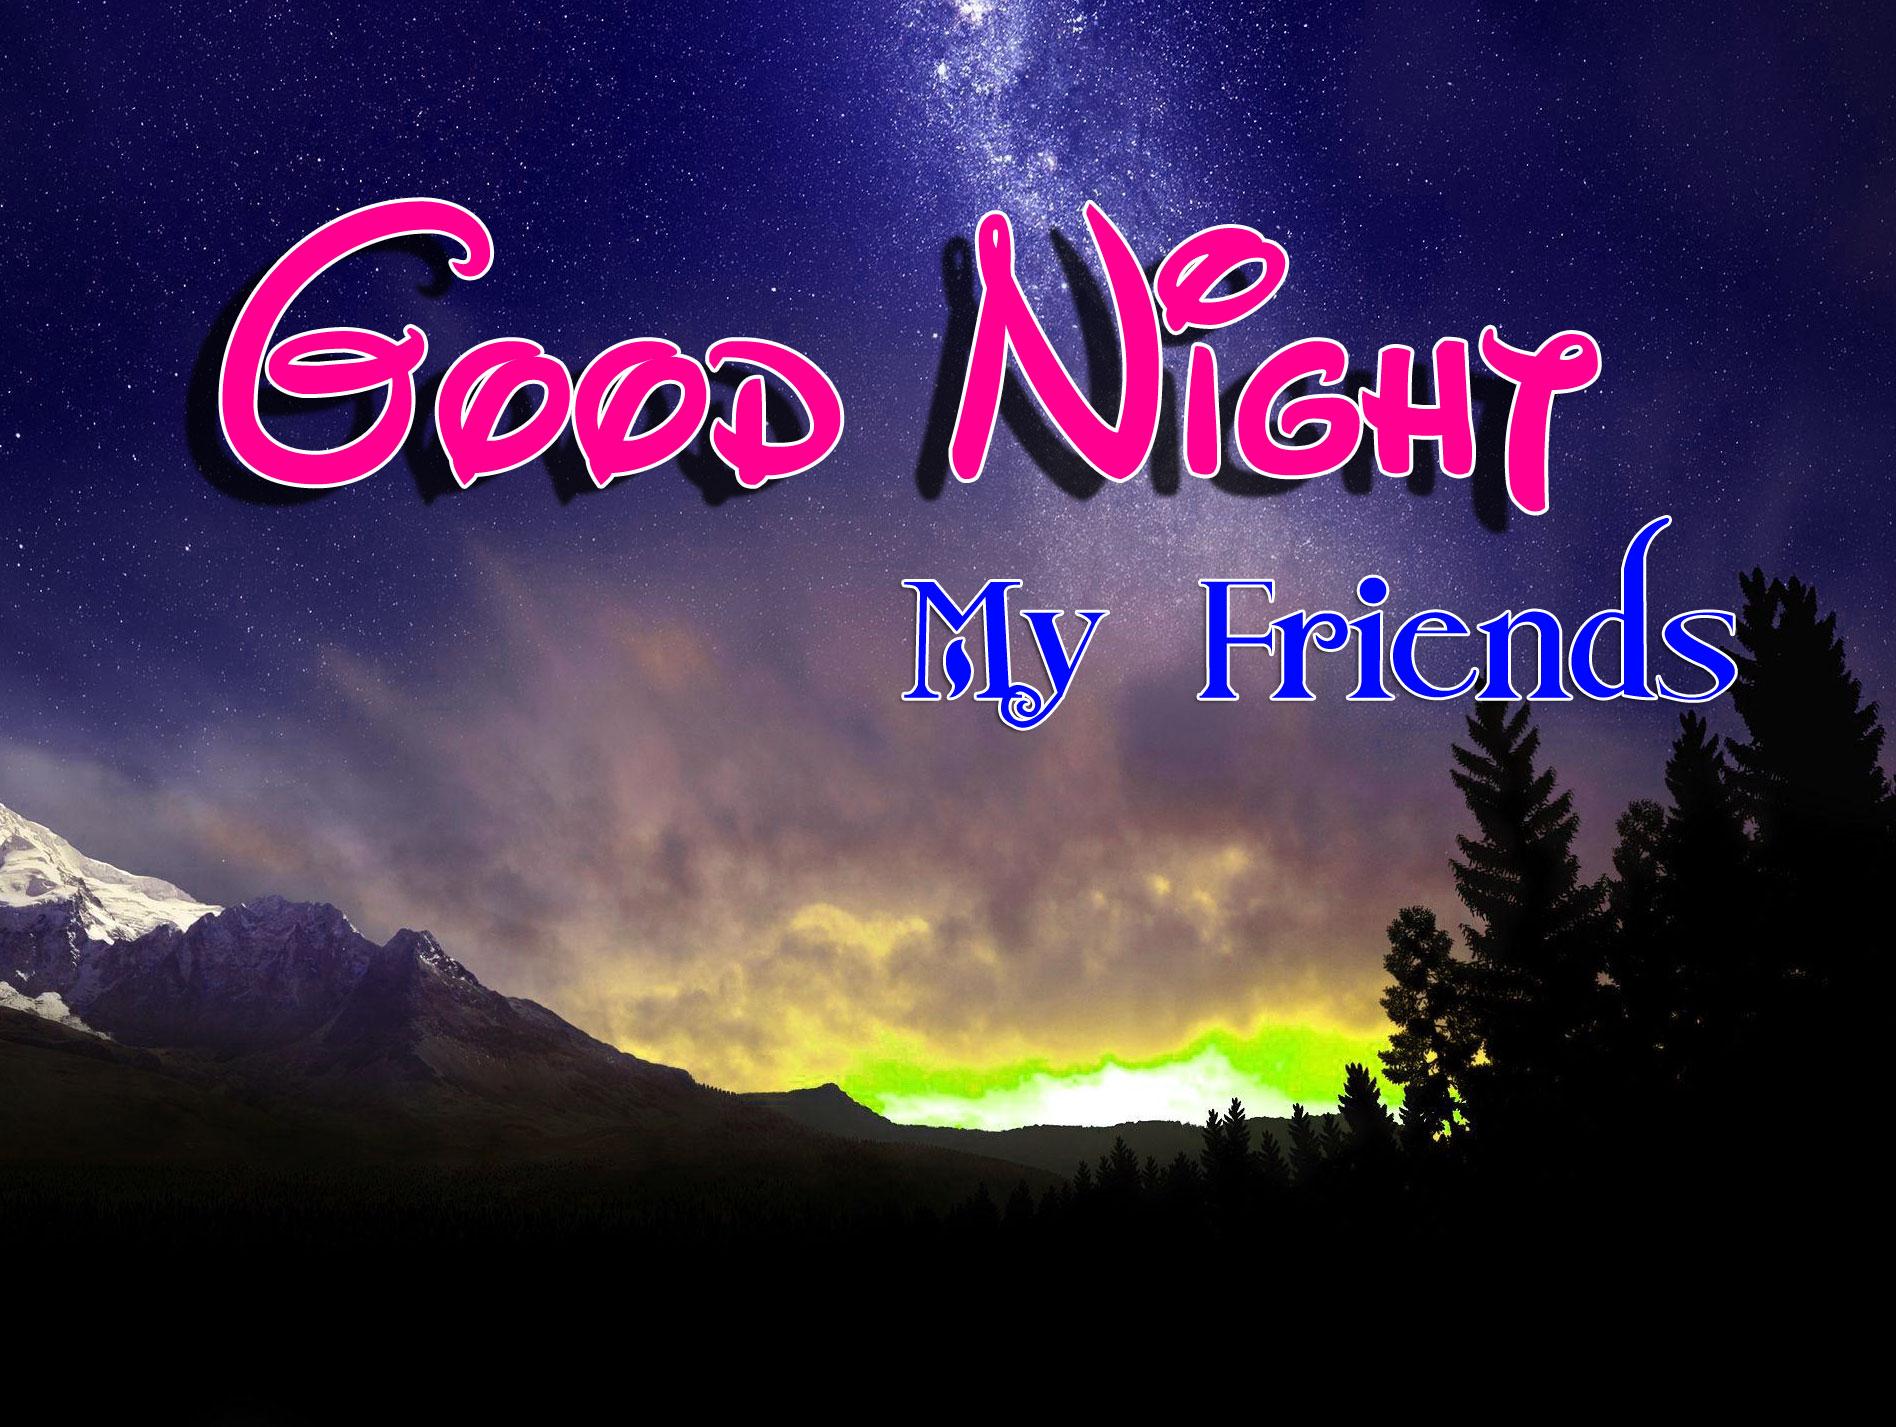 Free P Good Night Images Wallppaer